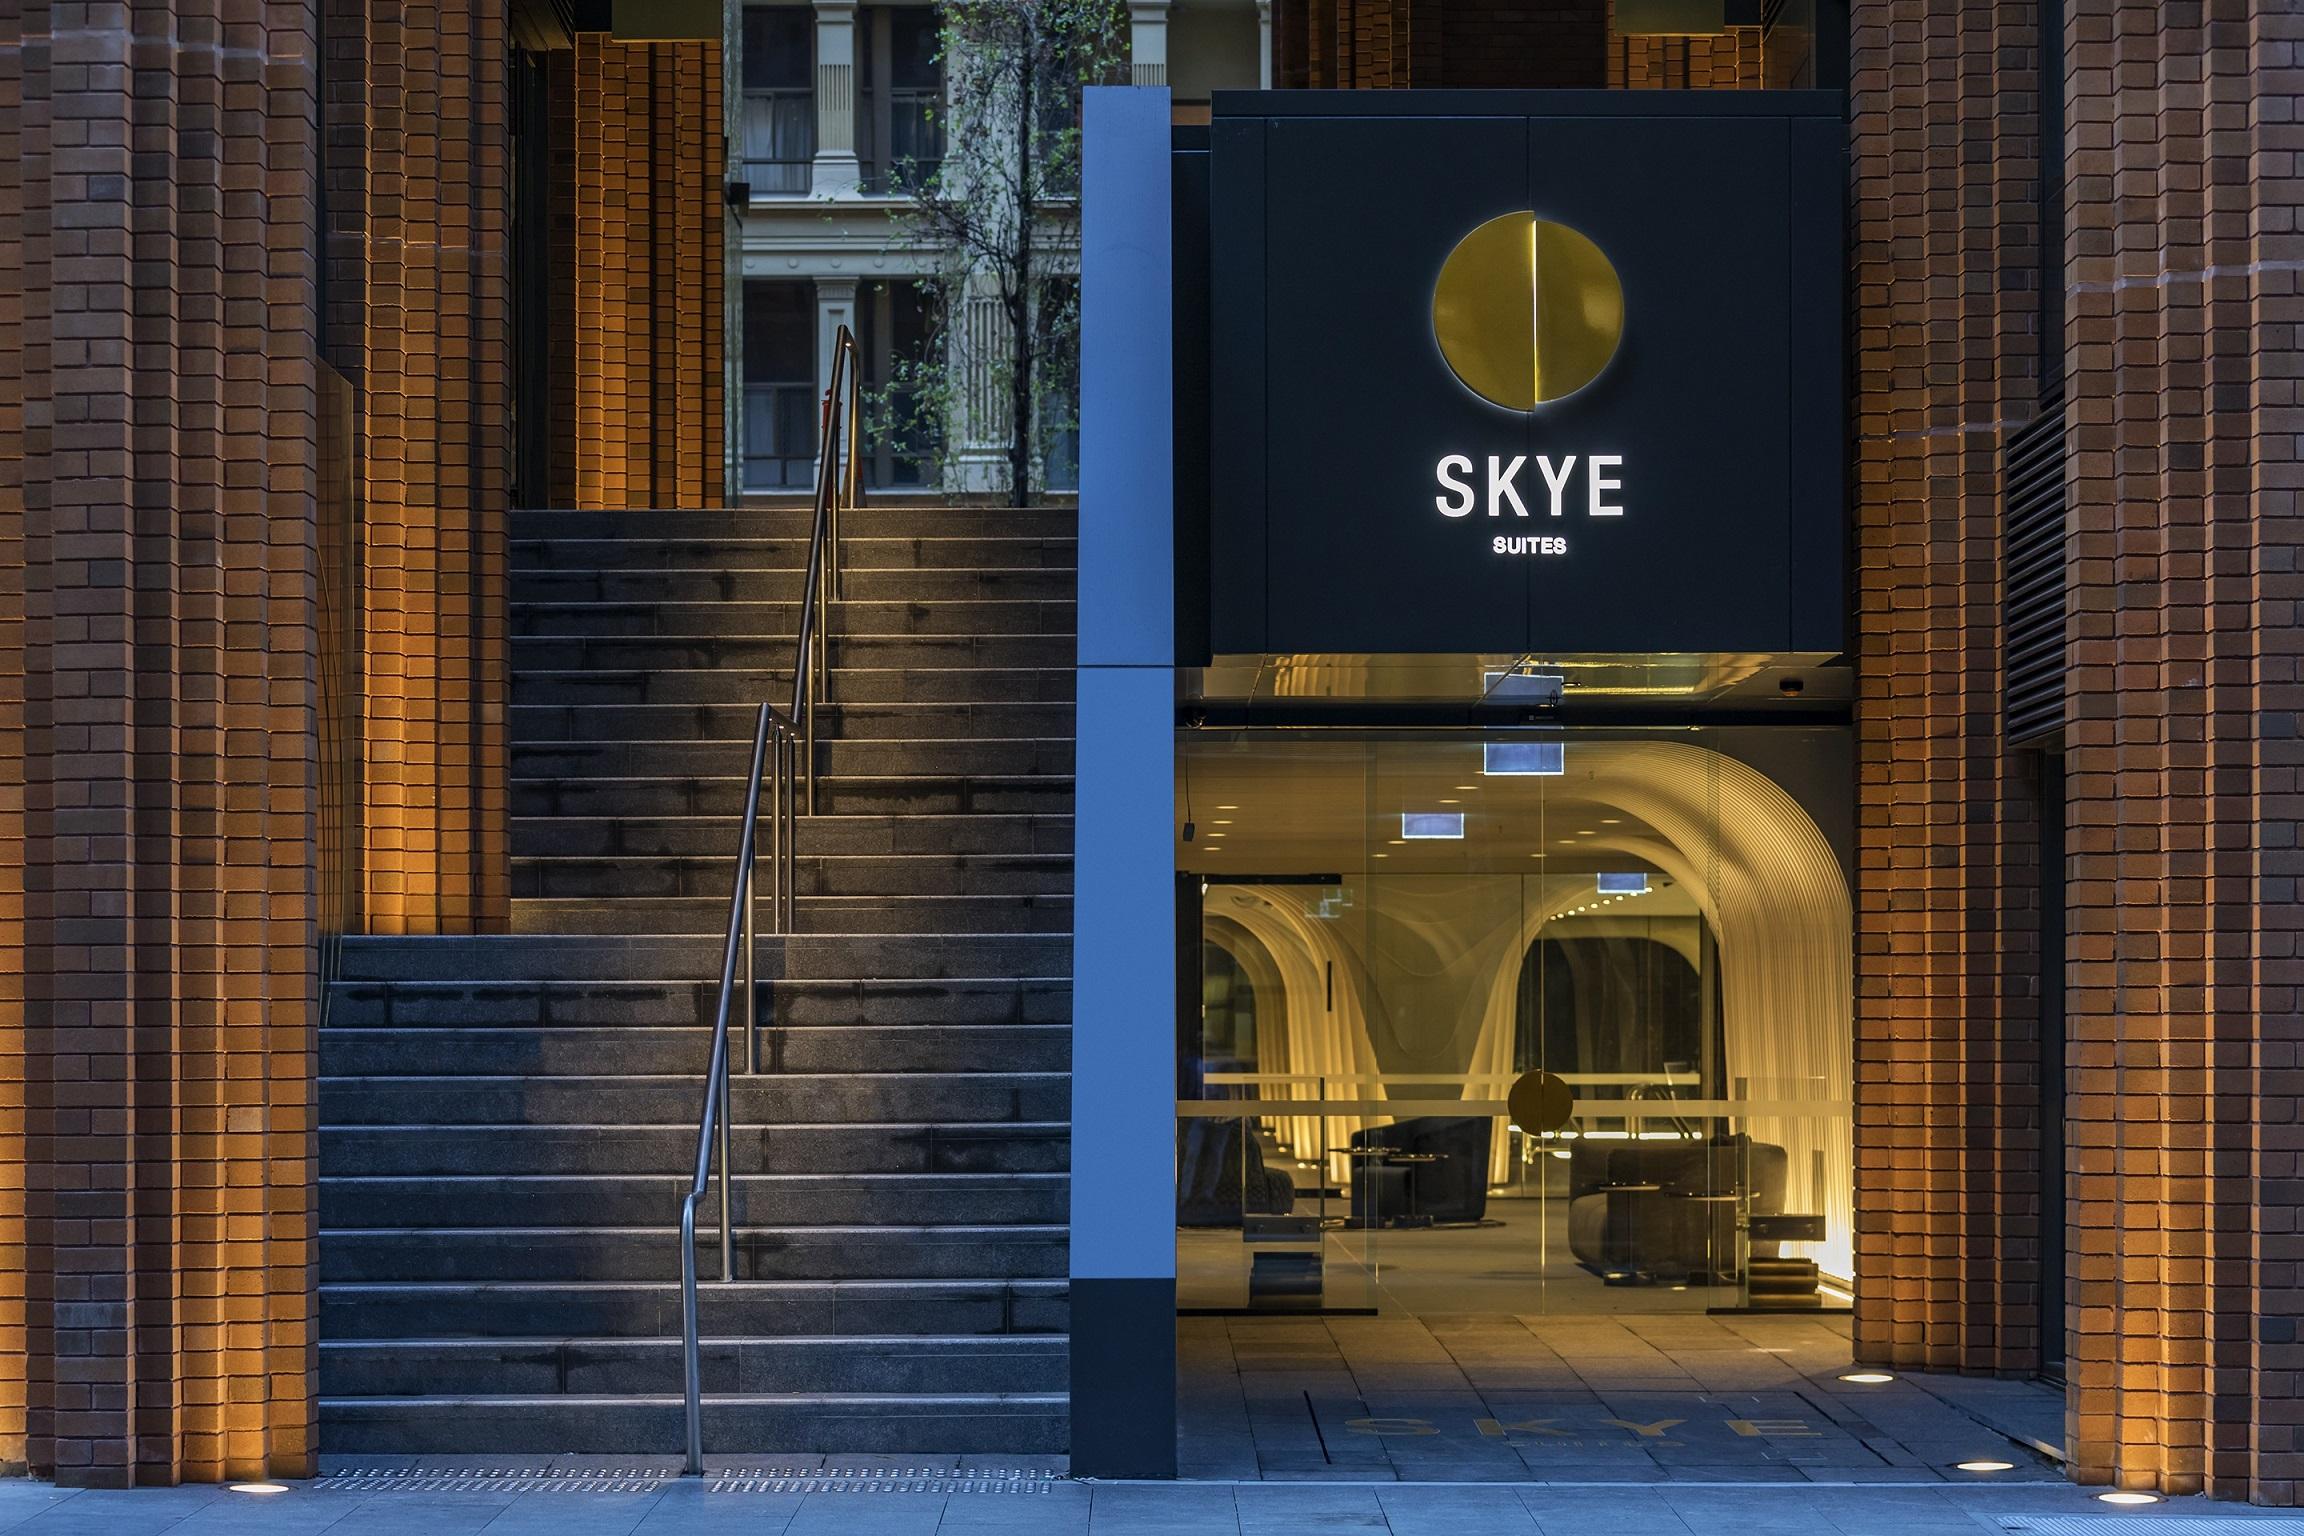 悉尼SKYE 套房酒店荣获HM 最佳科技酒店大奖插图